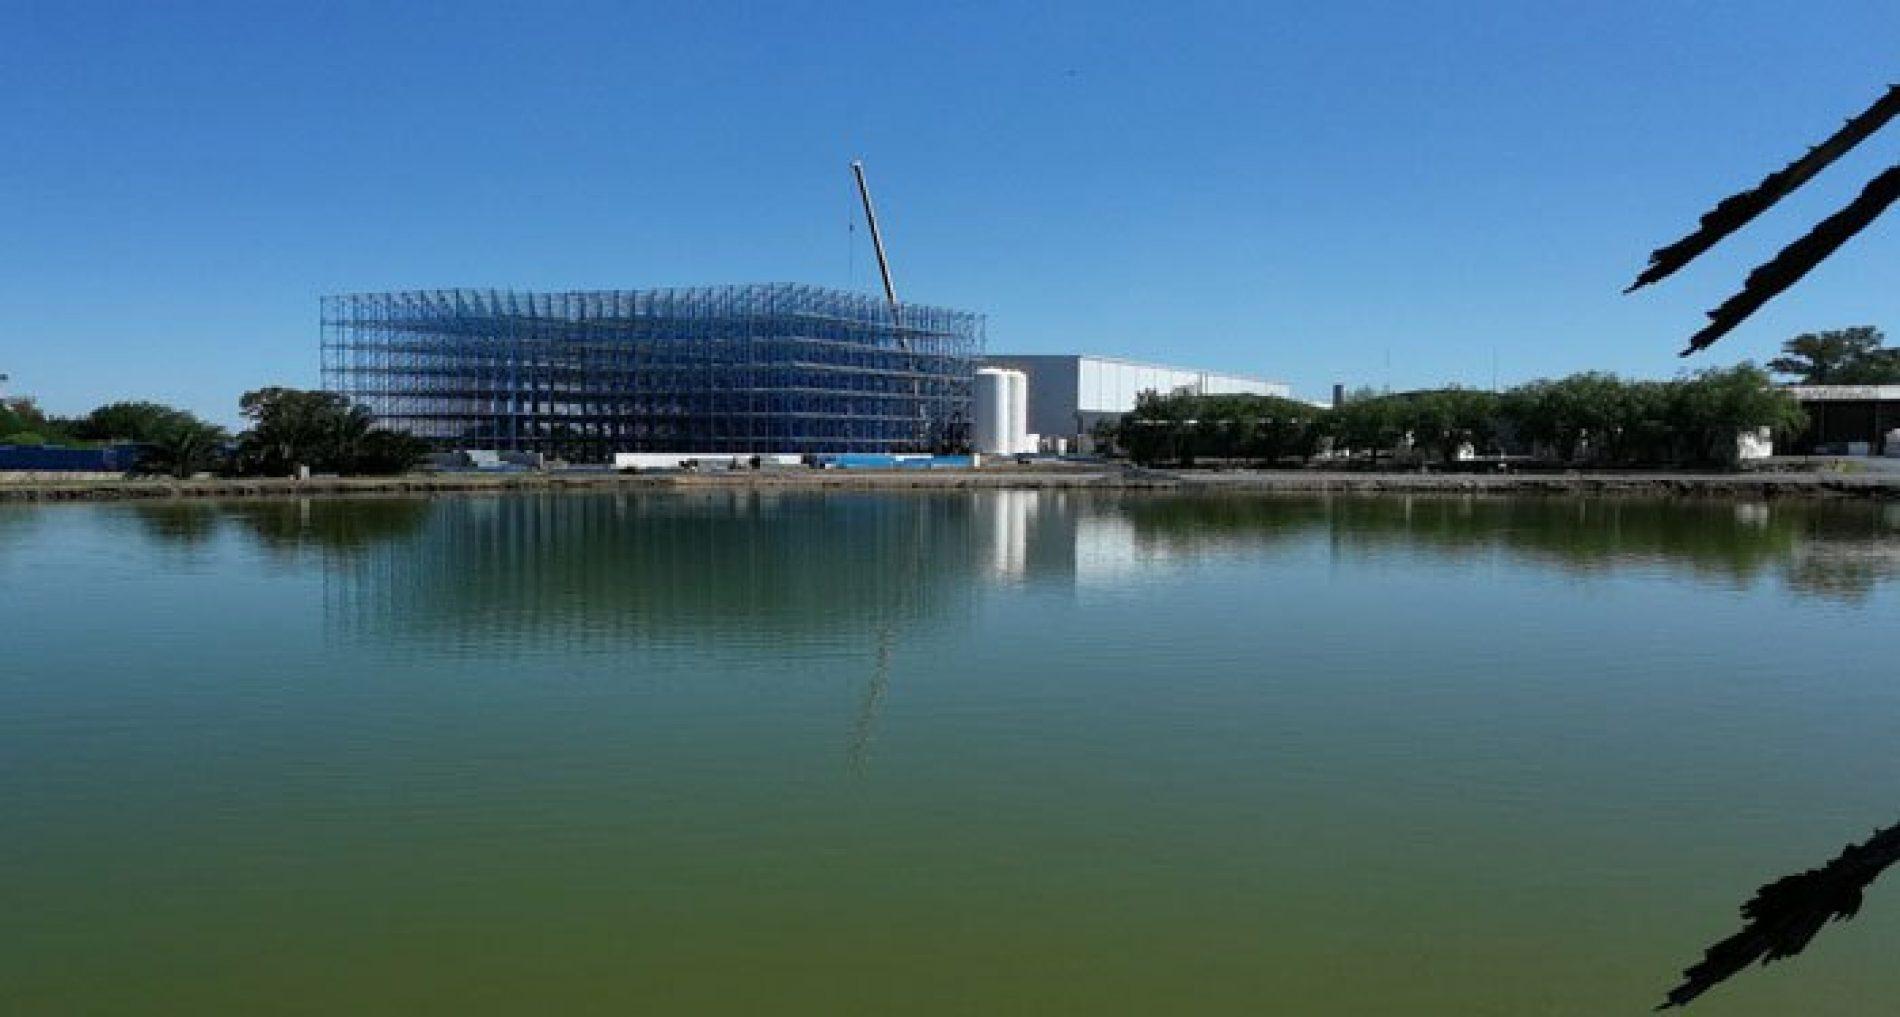 Bosanska građevinska firma GMC radi širom svijeta za poznate klijente